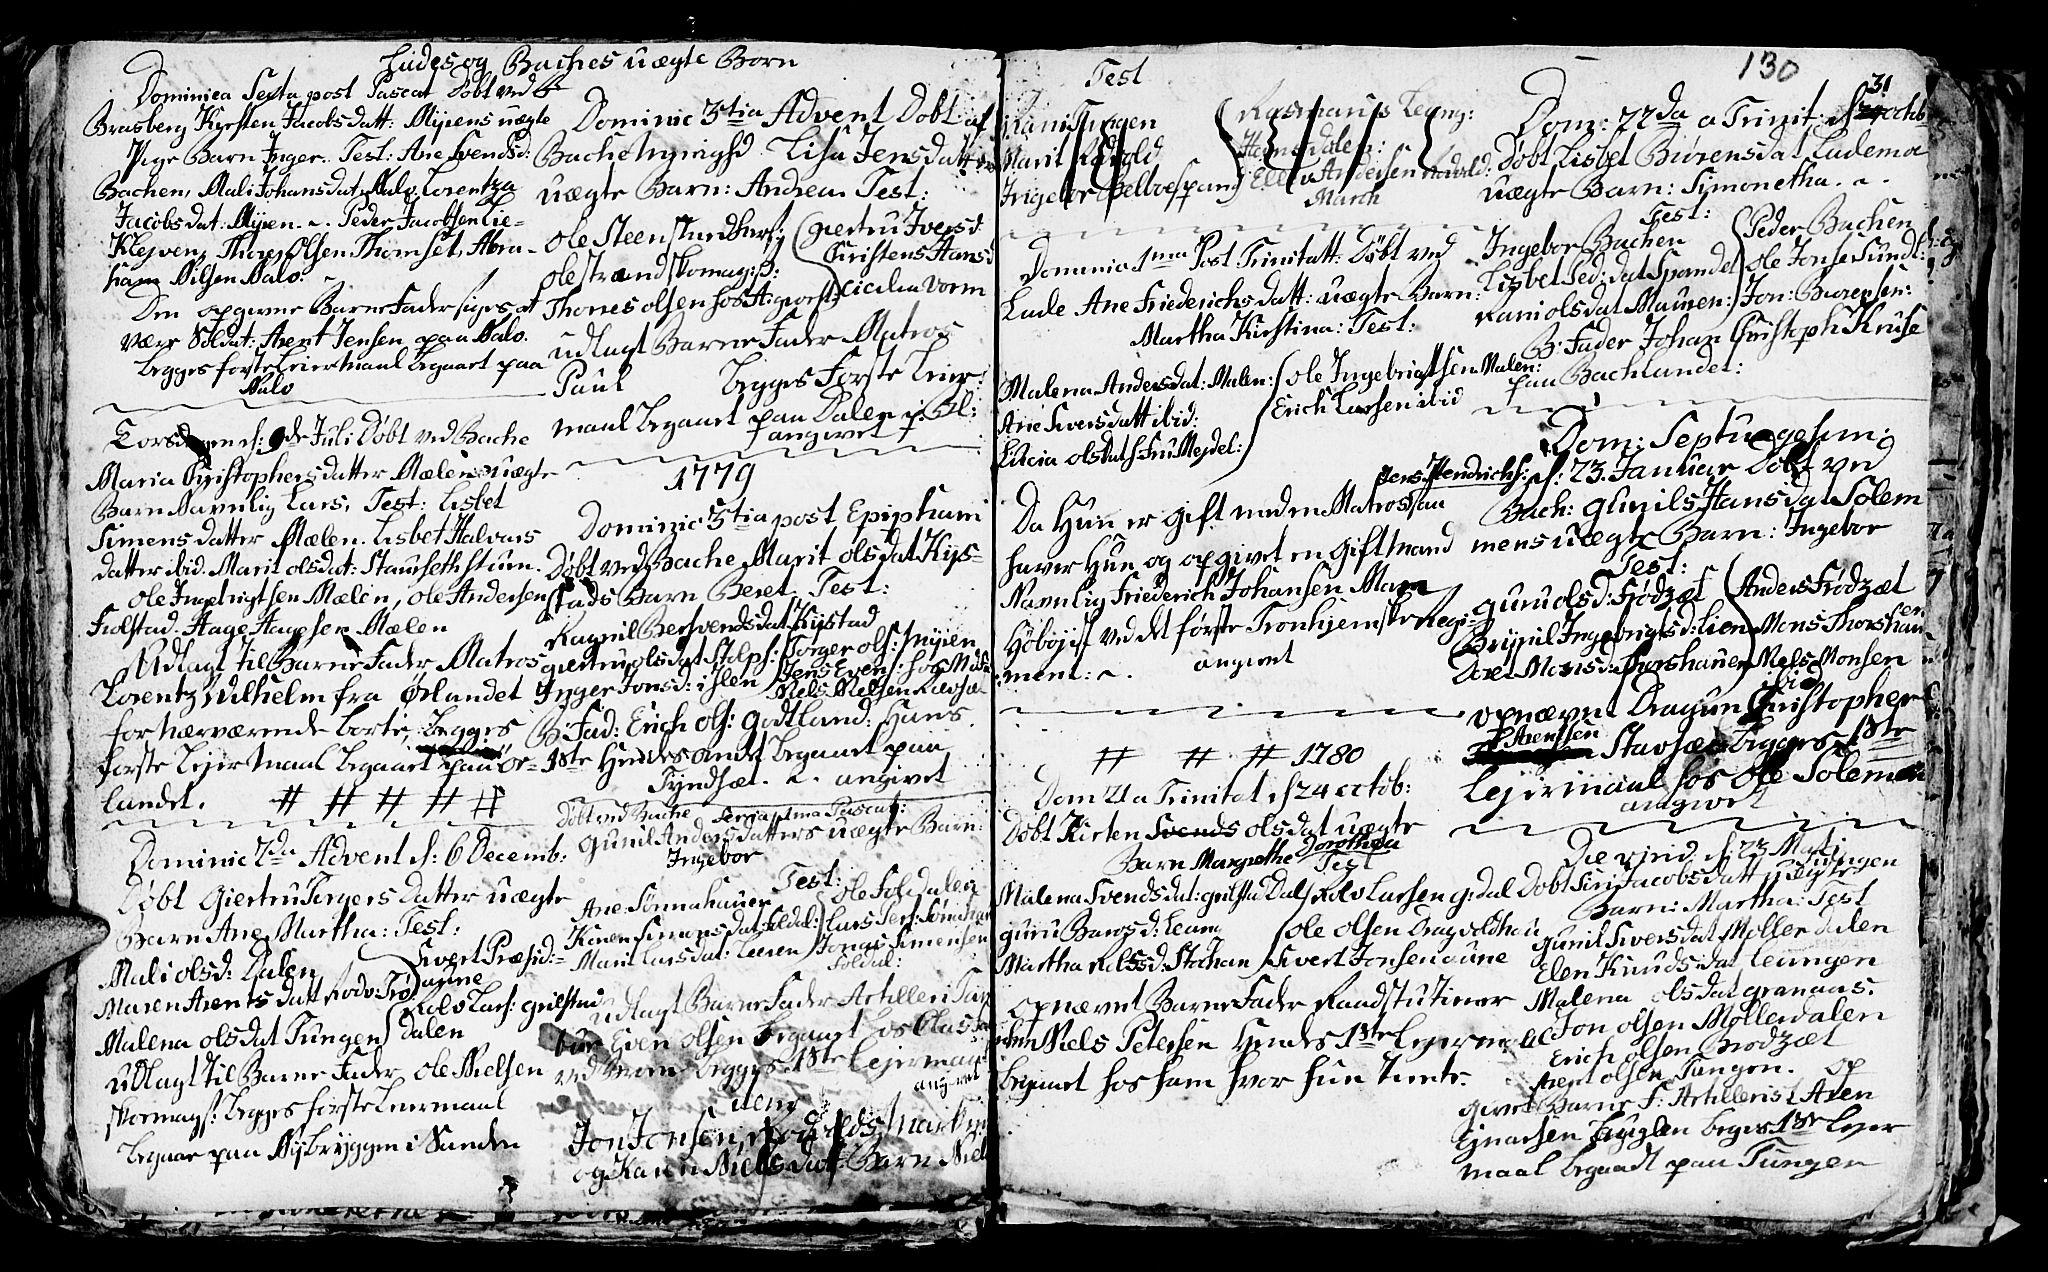 SAT, Ministerialprotokoller, klokkerbøker og fødselsregistre - Sør-Trøndelag, 606/L0305: Klokkerbok nr. 606C01, 1757-1819, s. 130